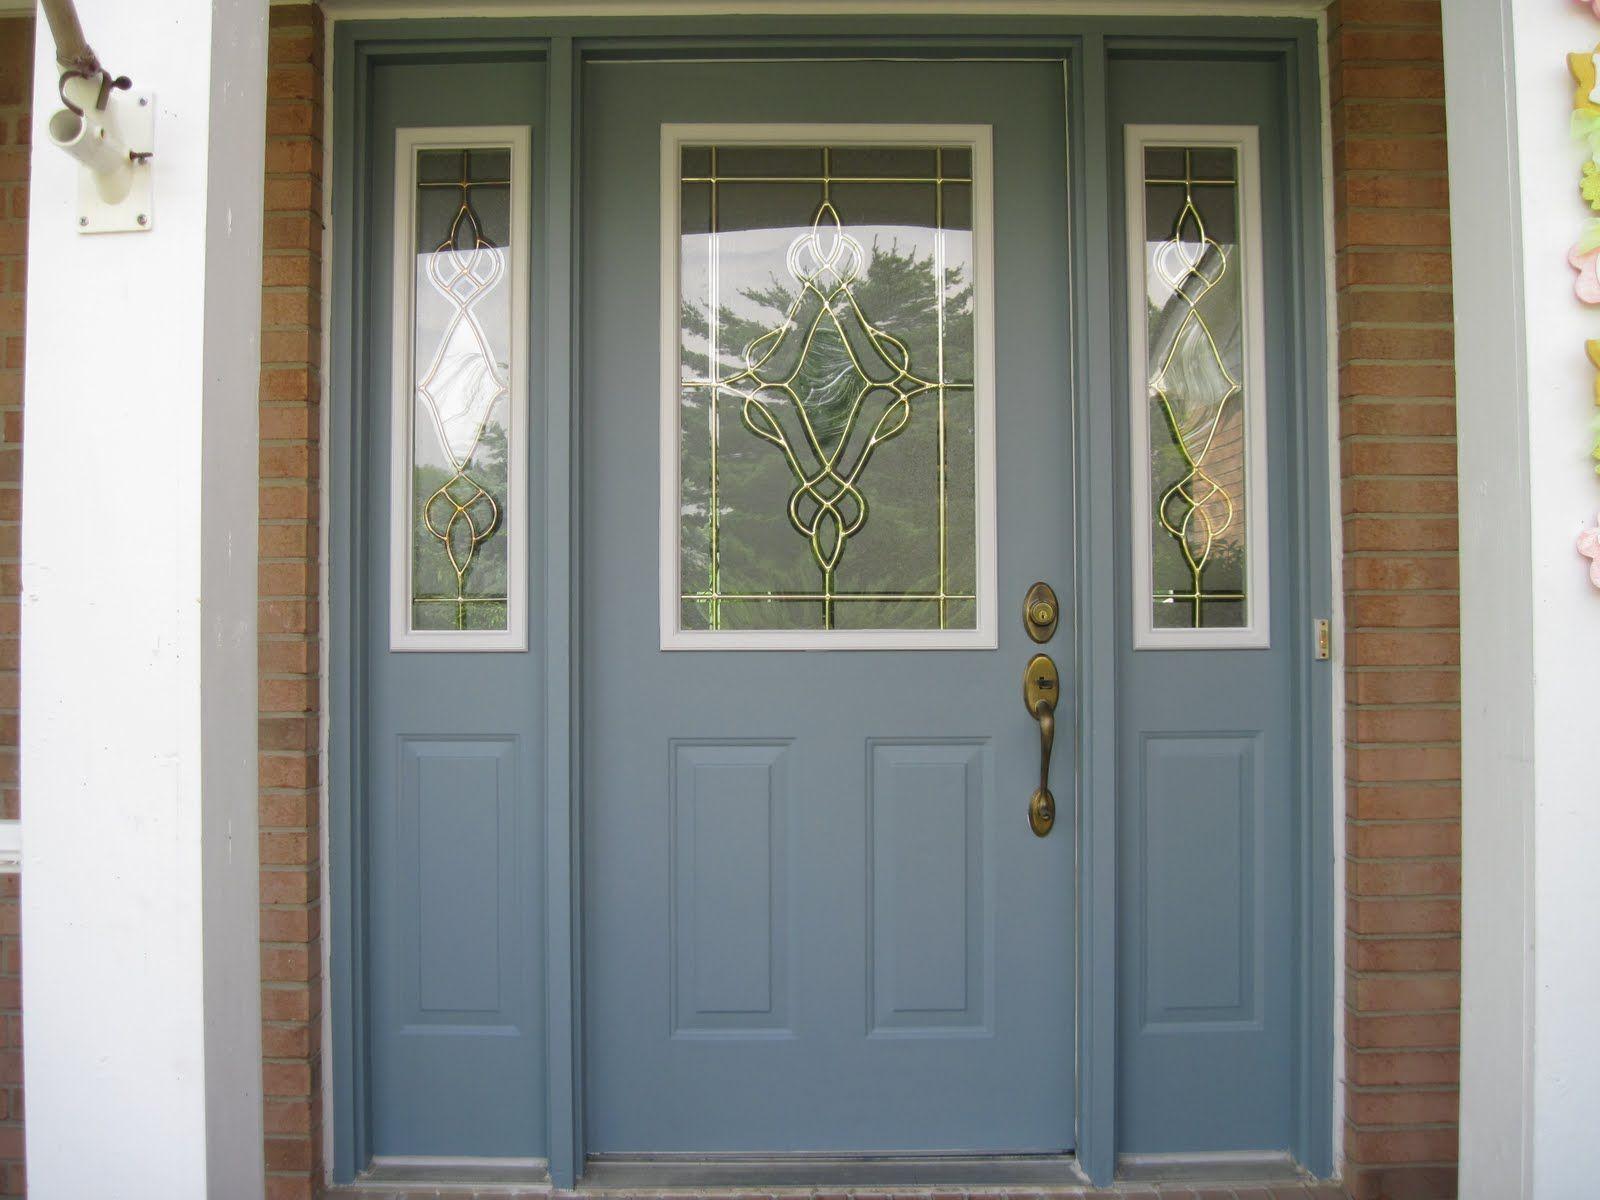 Van courtland blue by benjamin moore paint bm for Exterior door colors benjamin moore